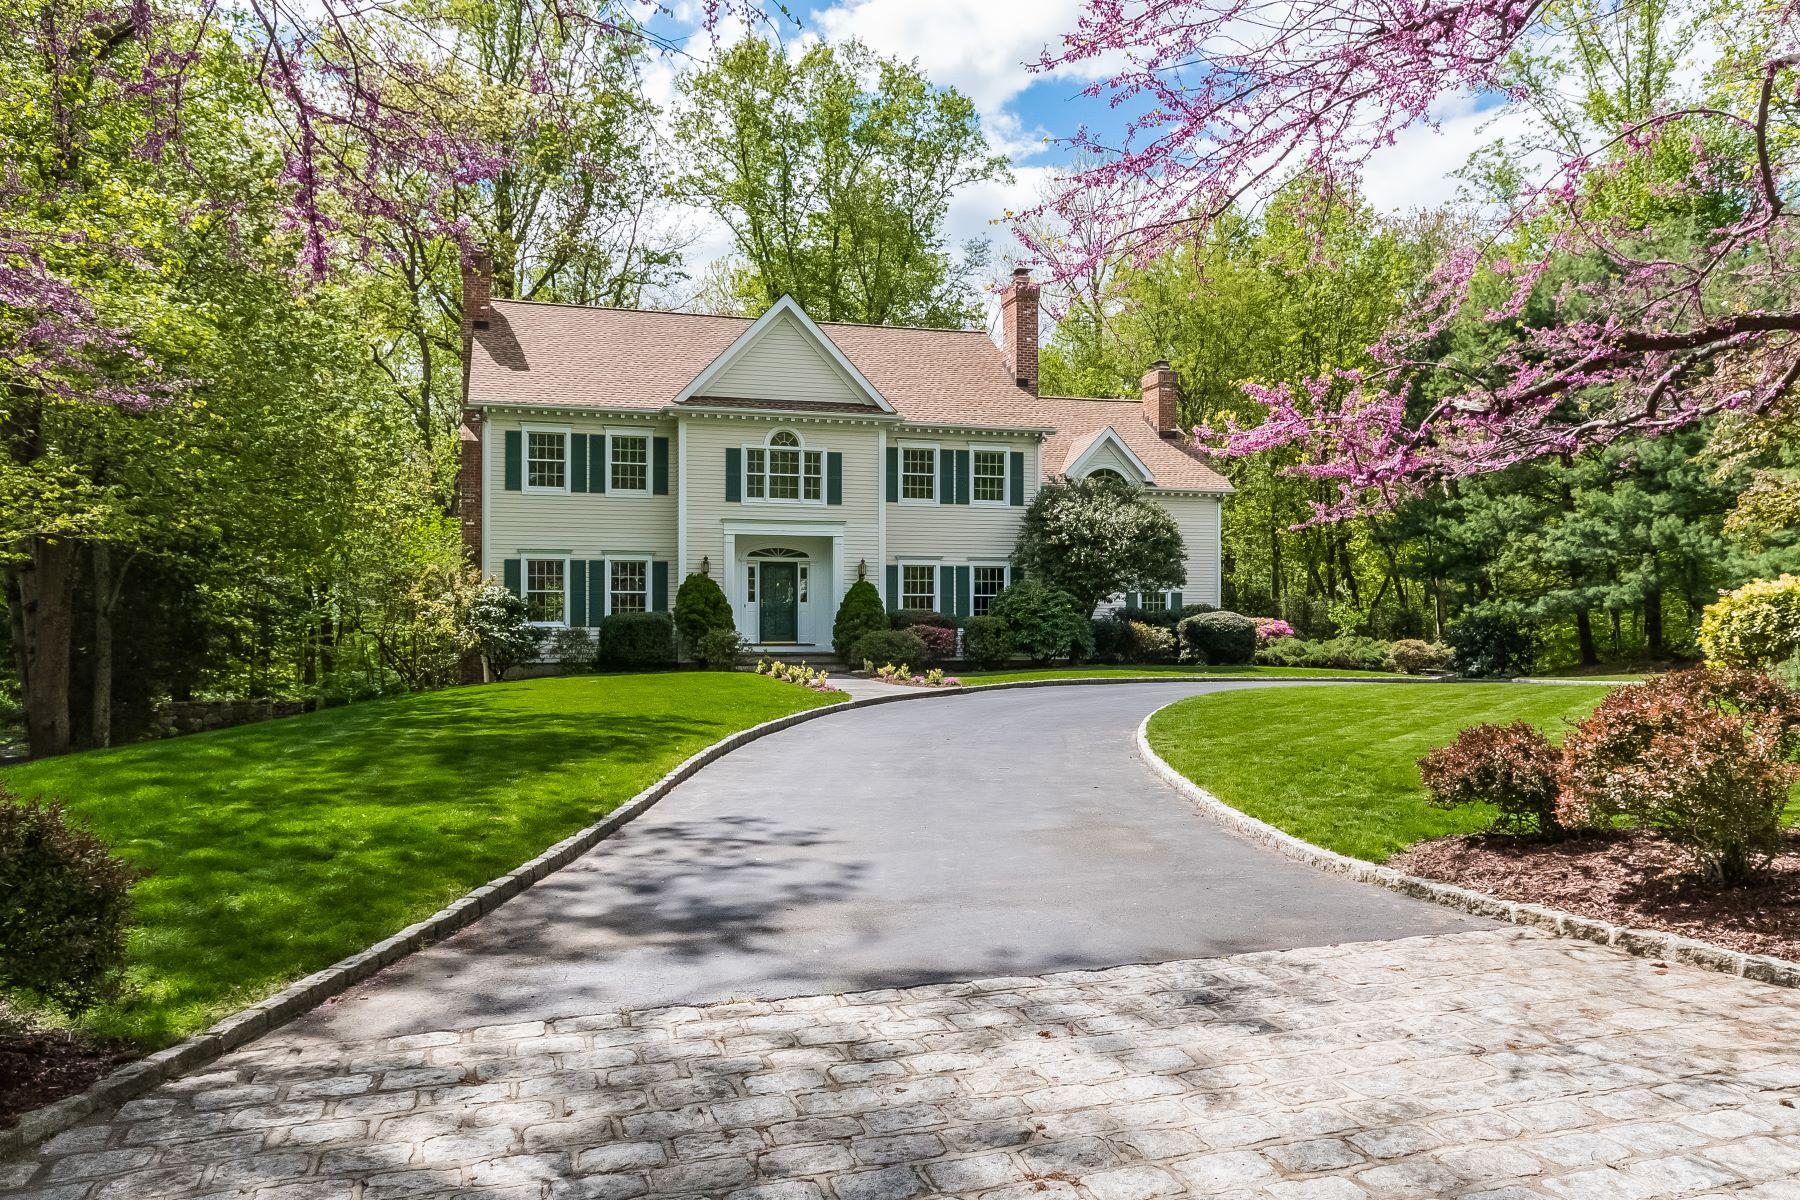 独户住宅 为 销售 在 11 Waterbury Lane 达连湾, 康涅狄格州, 06820 美国